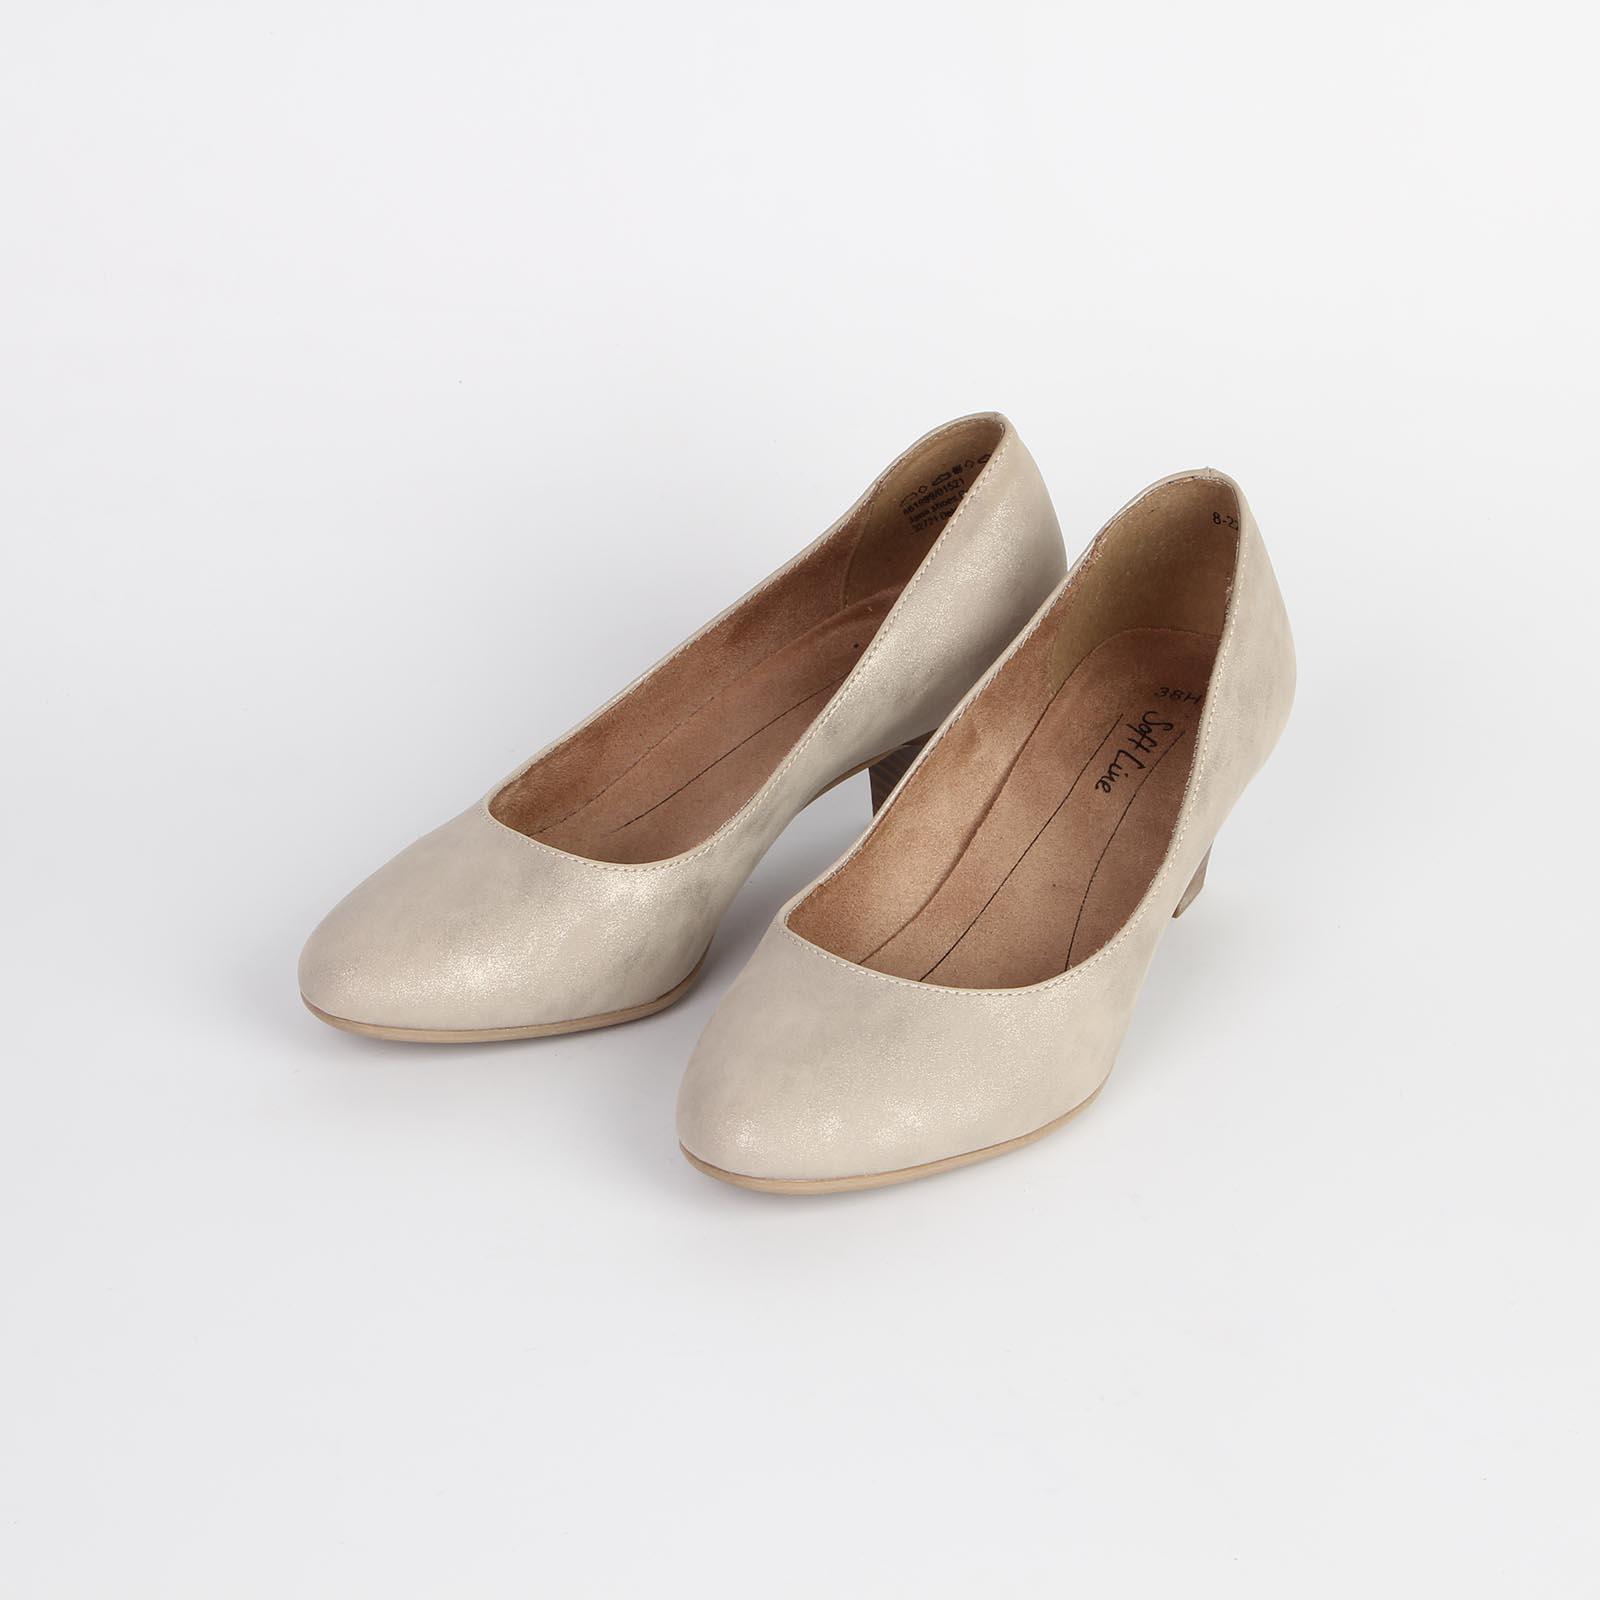 Лодочки женские классические на удобном каблуке